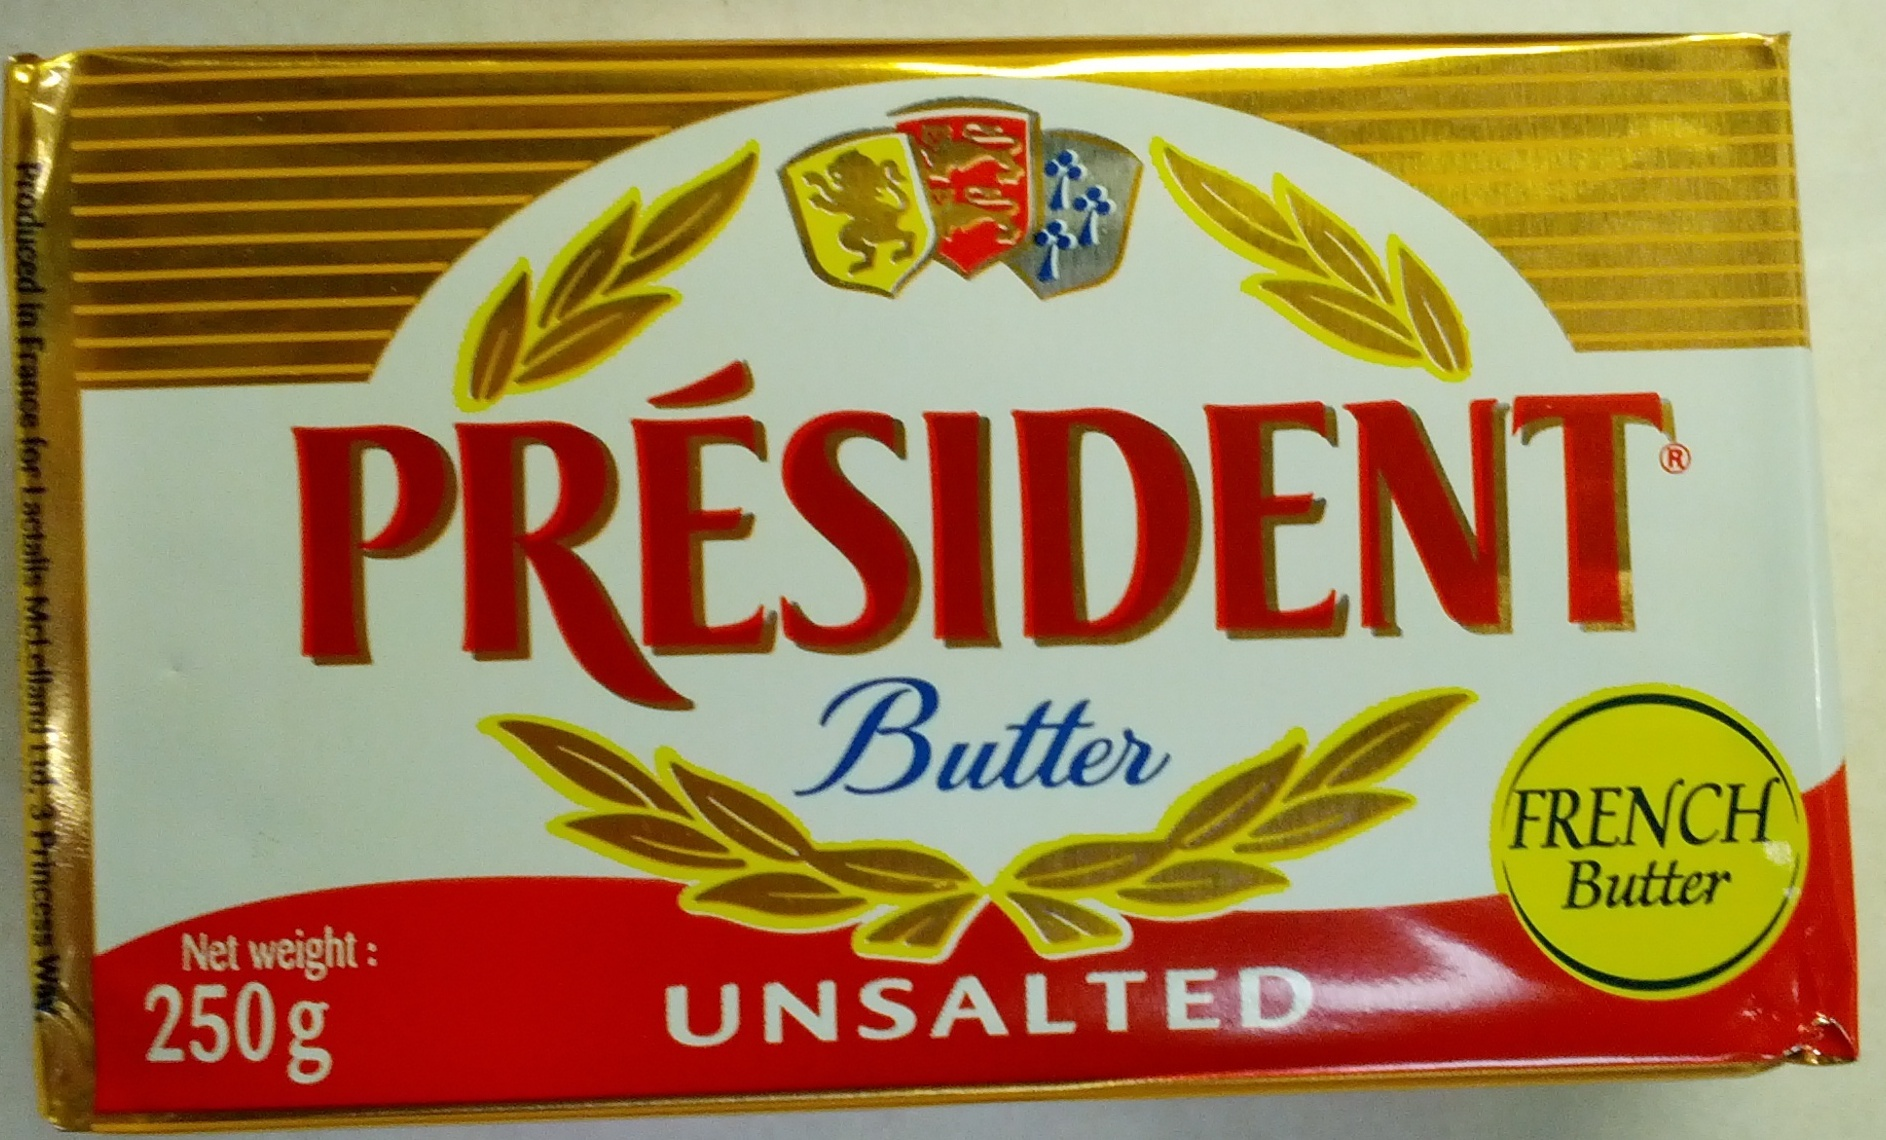 Beurre président gastronomique - Produit - fr